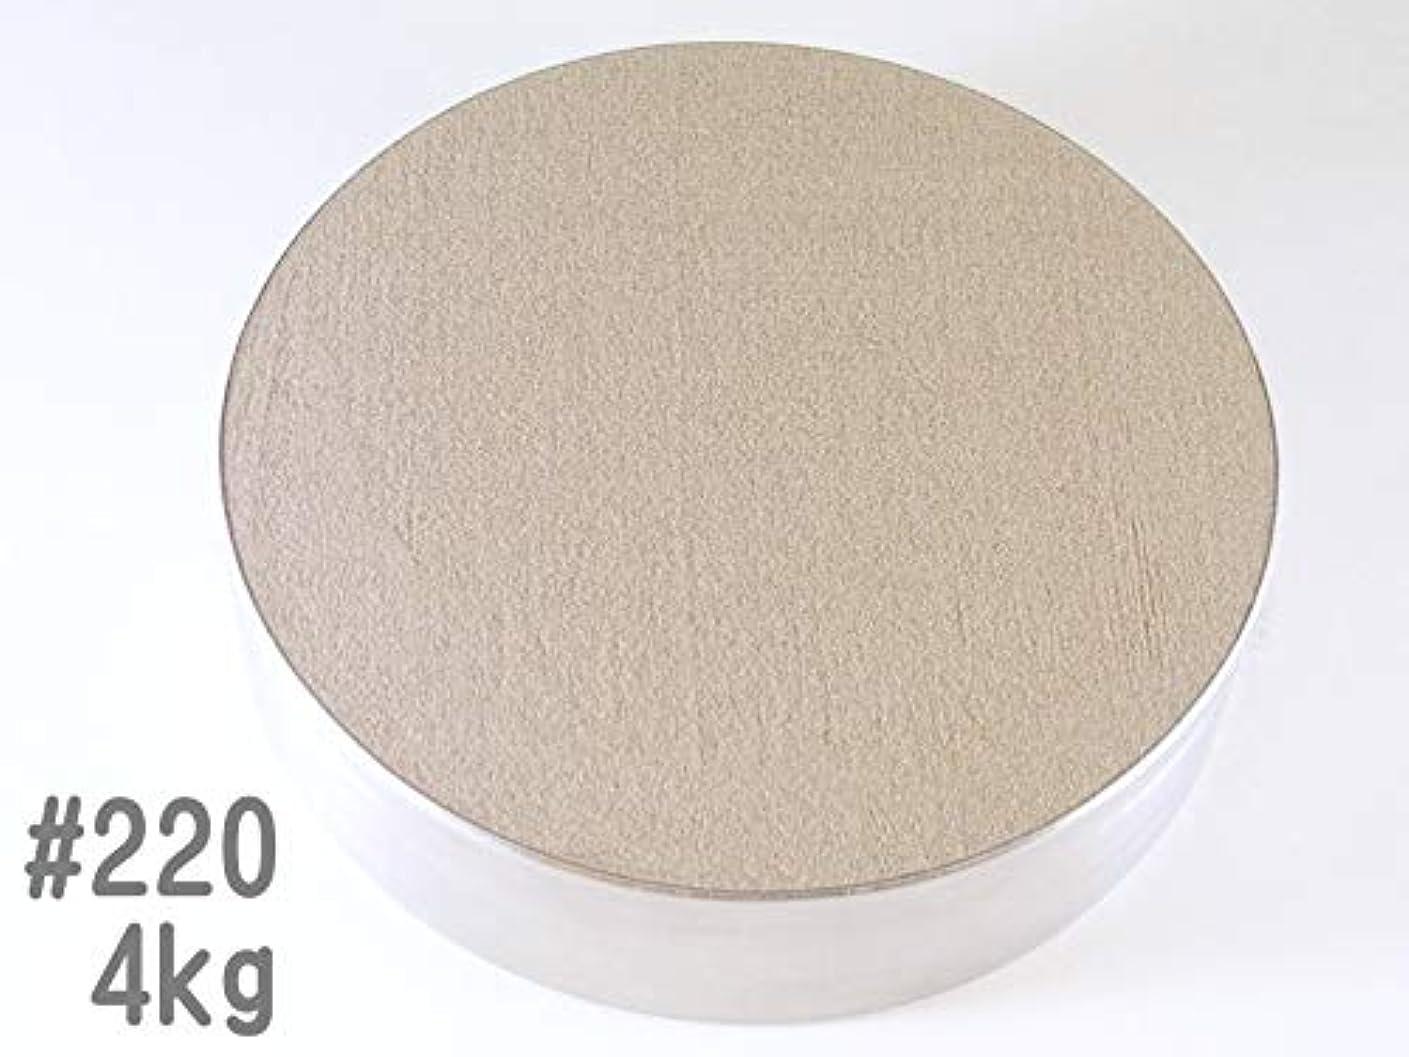 させる天要塞#220 (4kg) アルミナサンド/アルミナメディア/砂/褐色アルミナ サンドブラスト用(番手サイズは7種類から #40#60#80#100#120#180#220 )